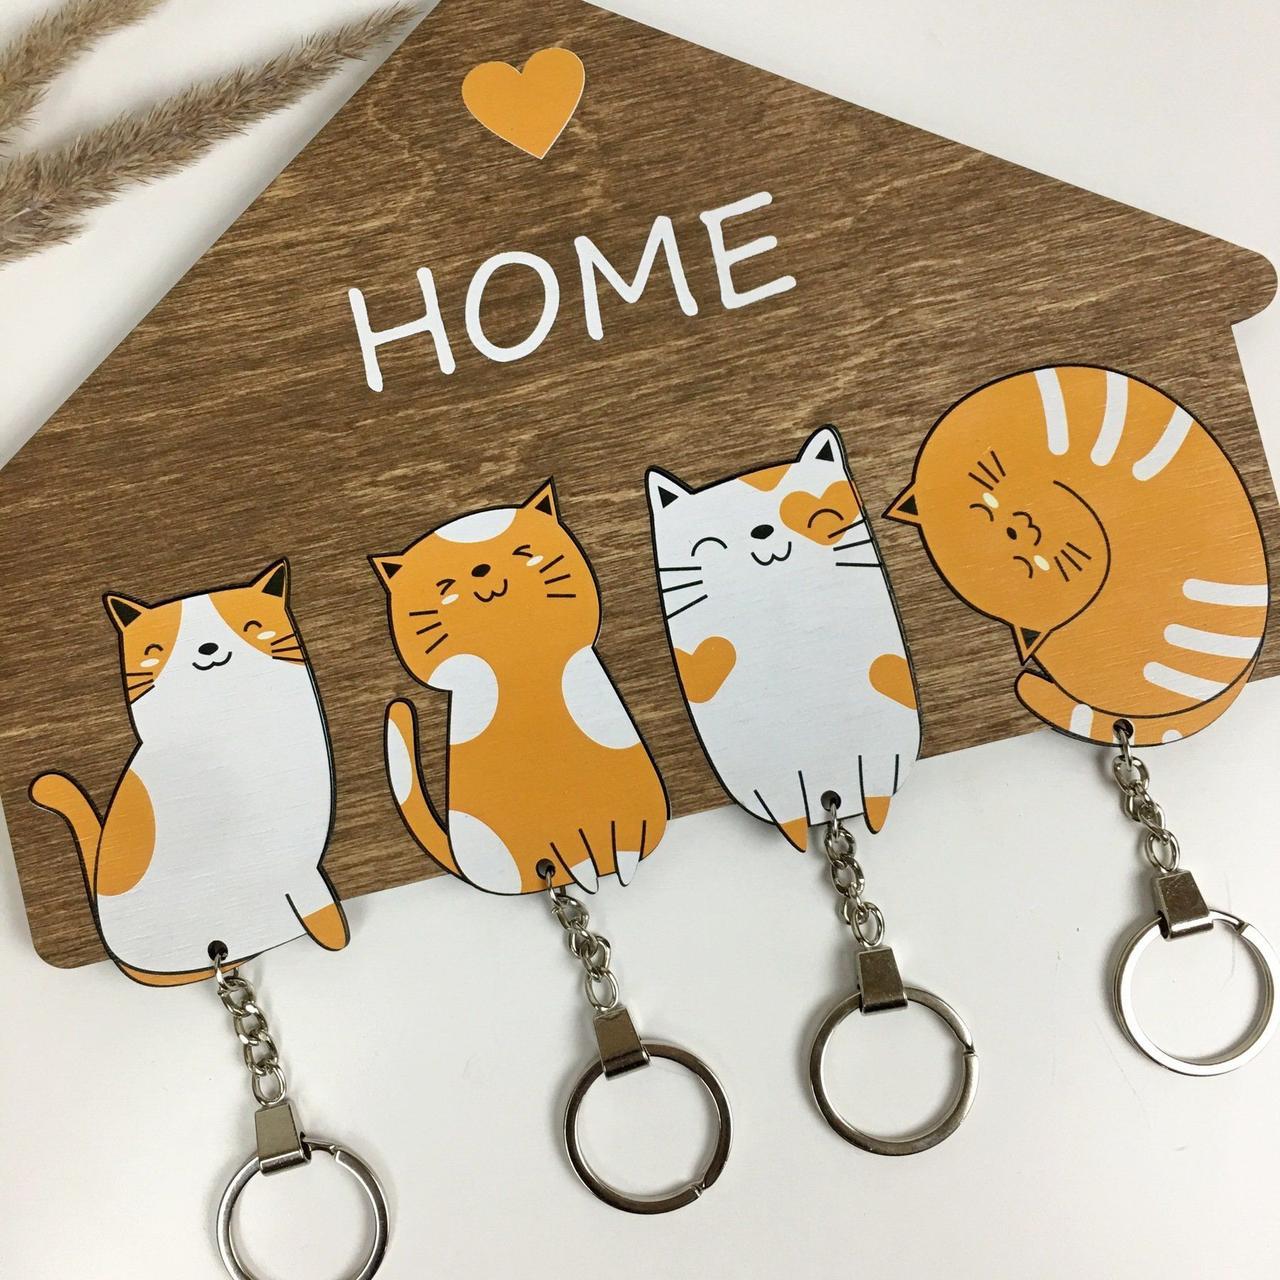 Ключница настенная, оригинальная деревянная ключница с милыми котиками